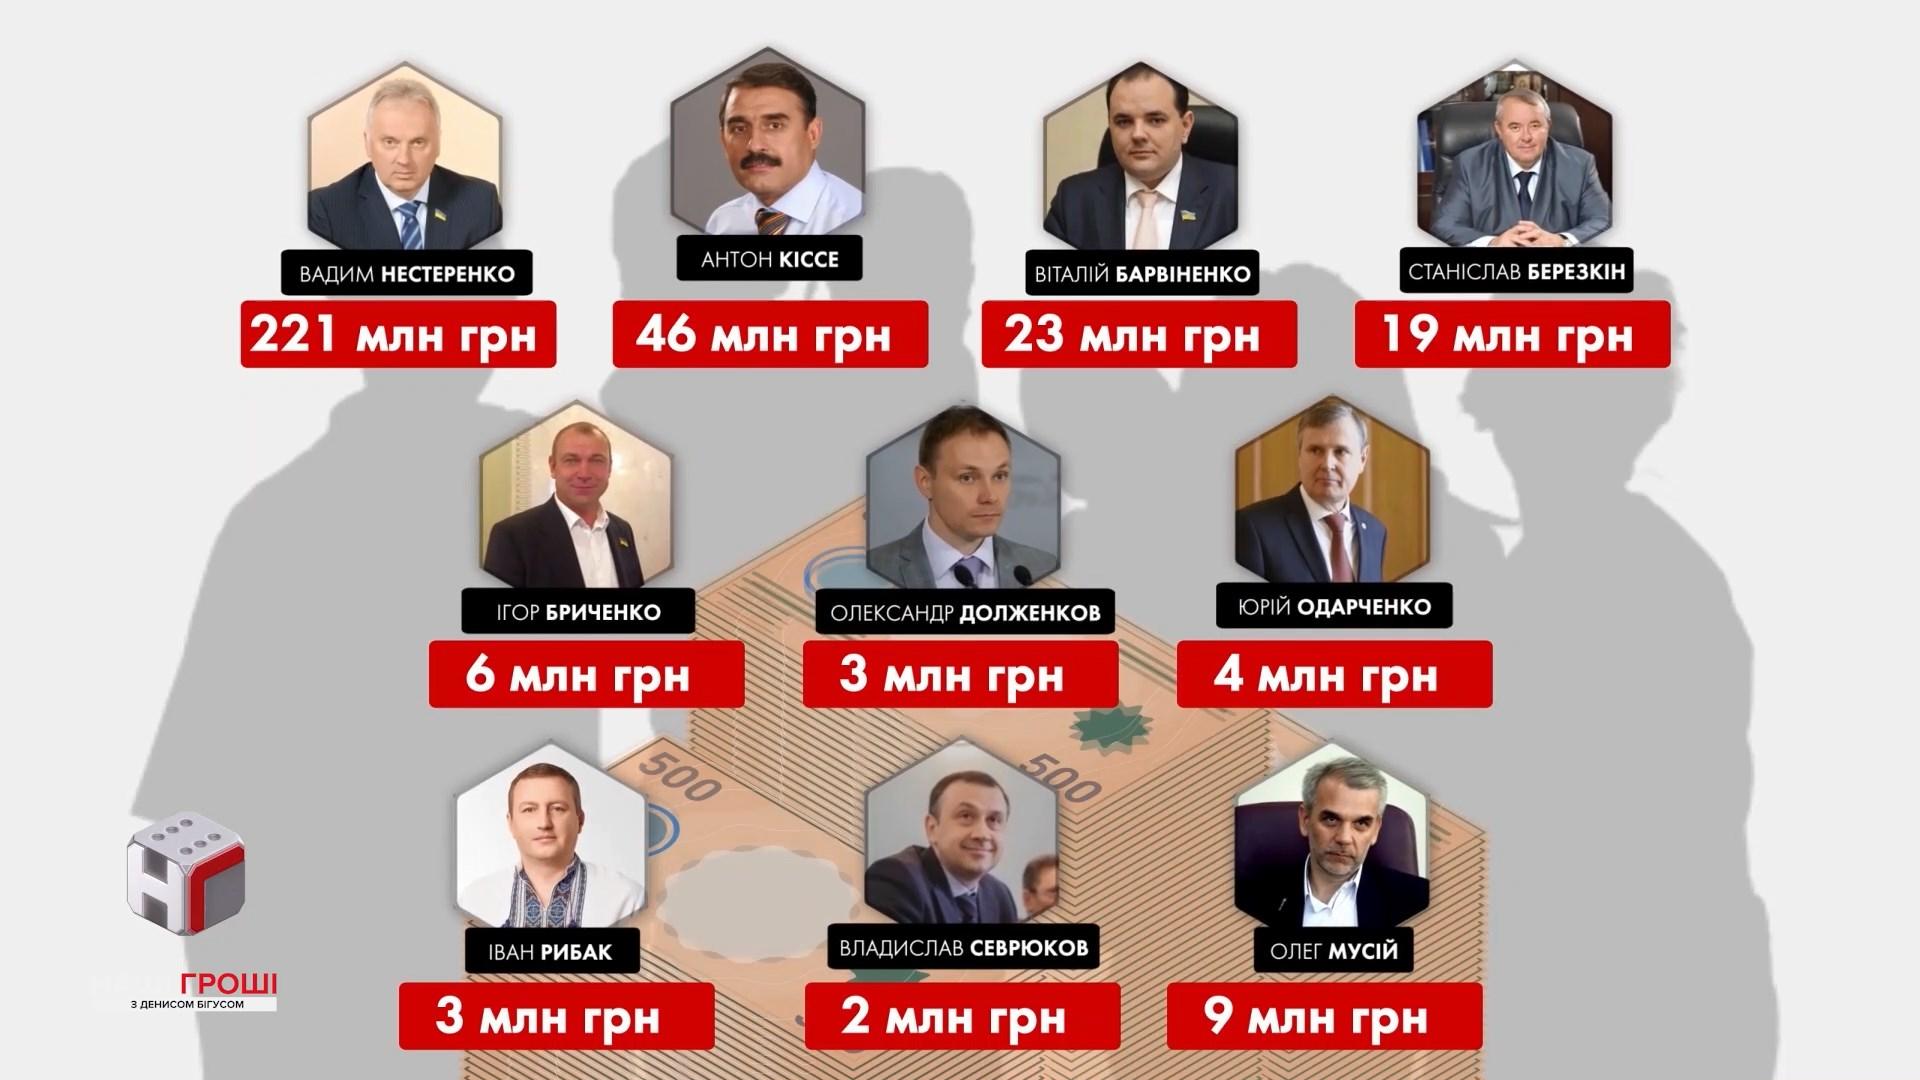 Не лопнет: украинцы платят за квартиры 120 депутатов-миллионеров